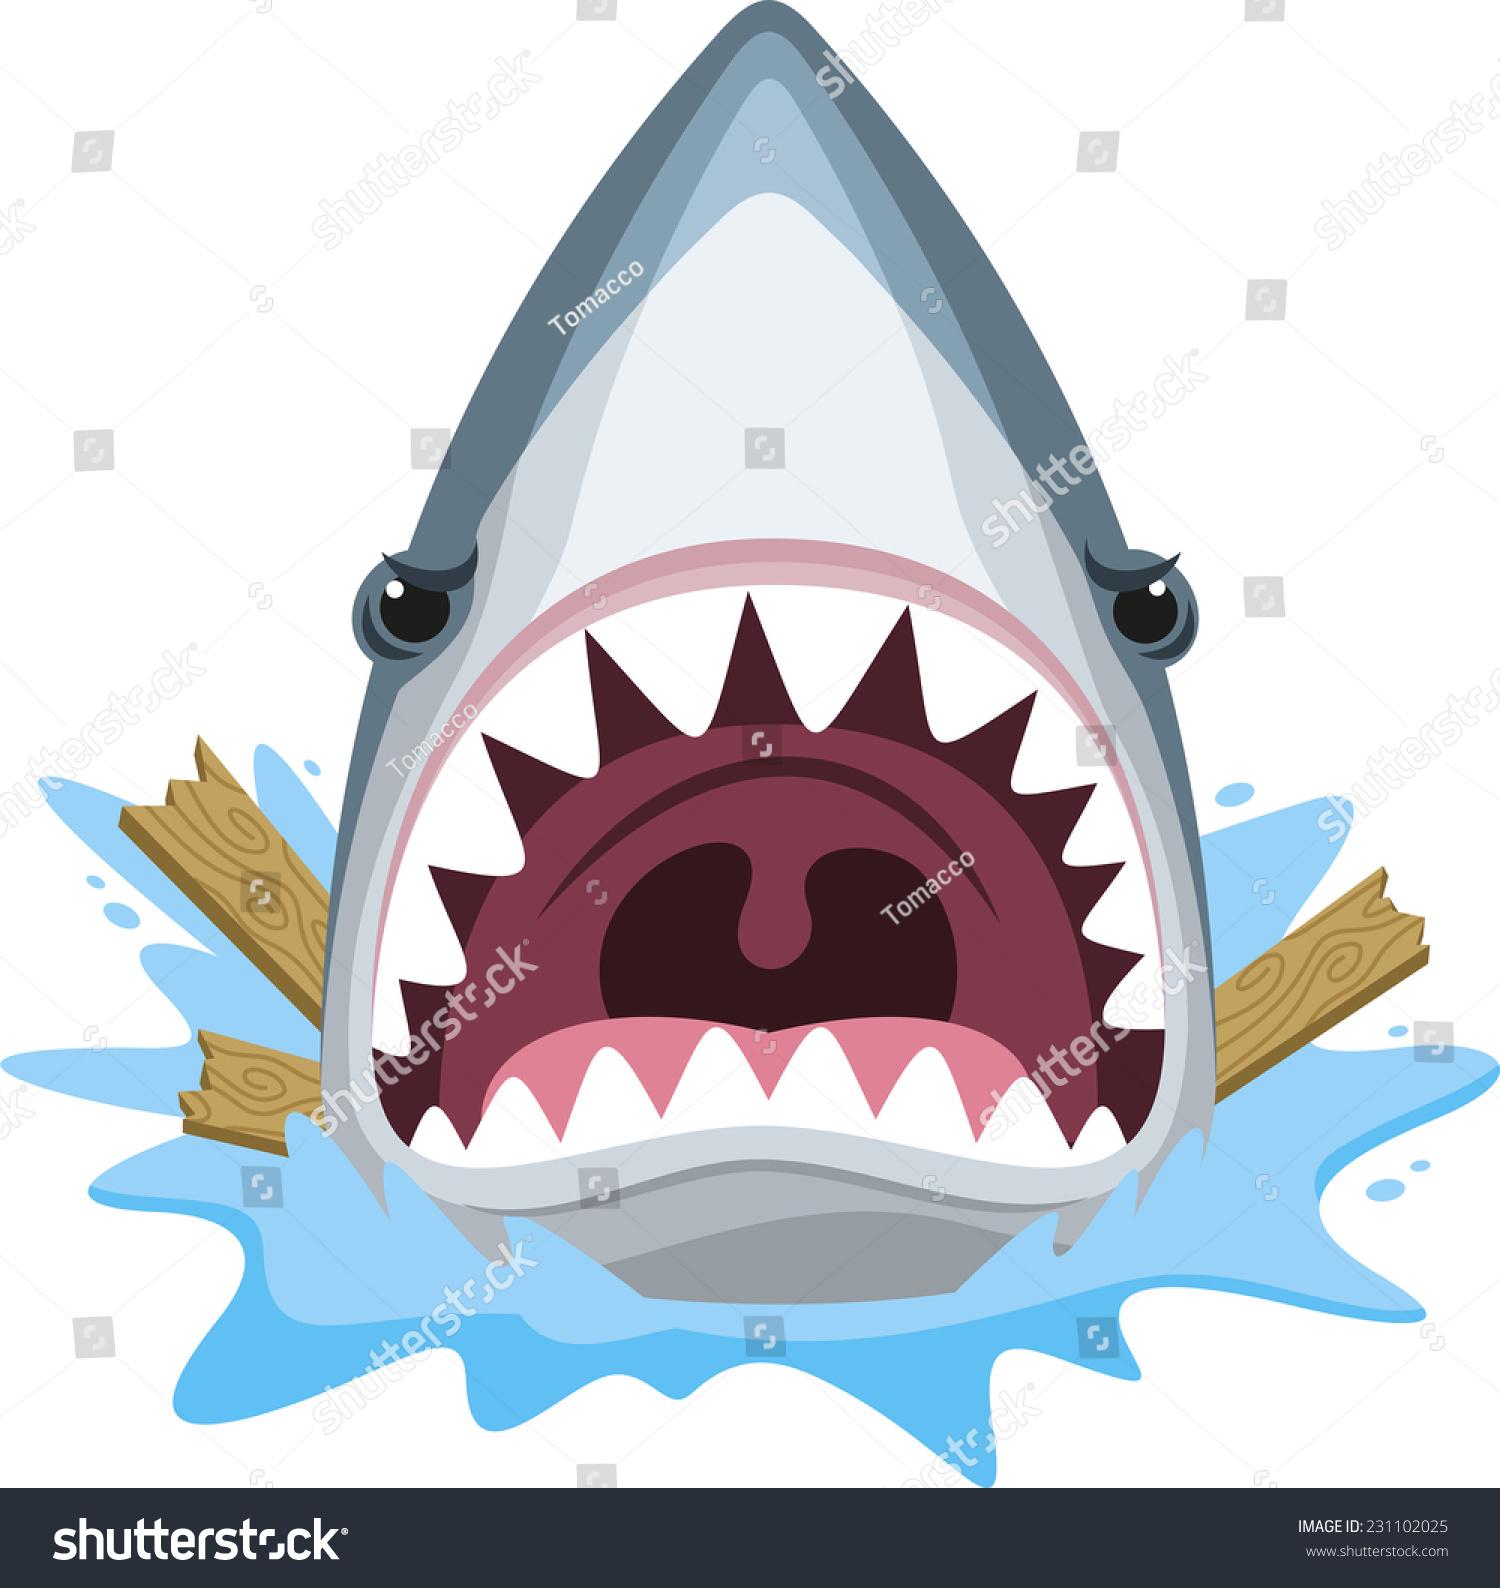 鲨鱼攻击牙齿疯狂愤怒,矢量插图卡通.-动物/野生生物